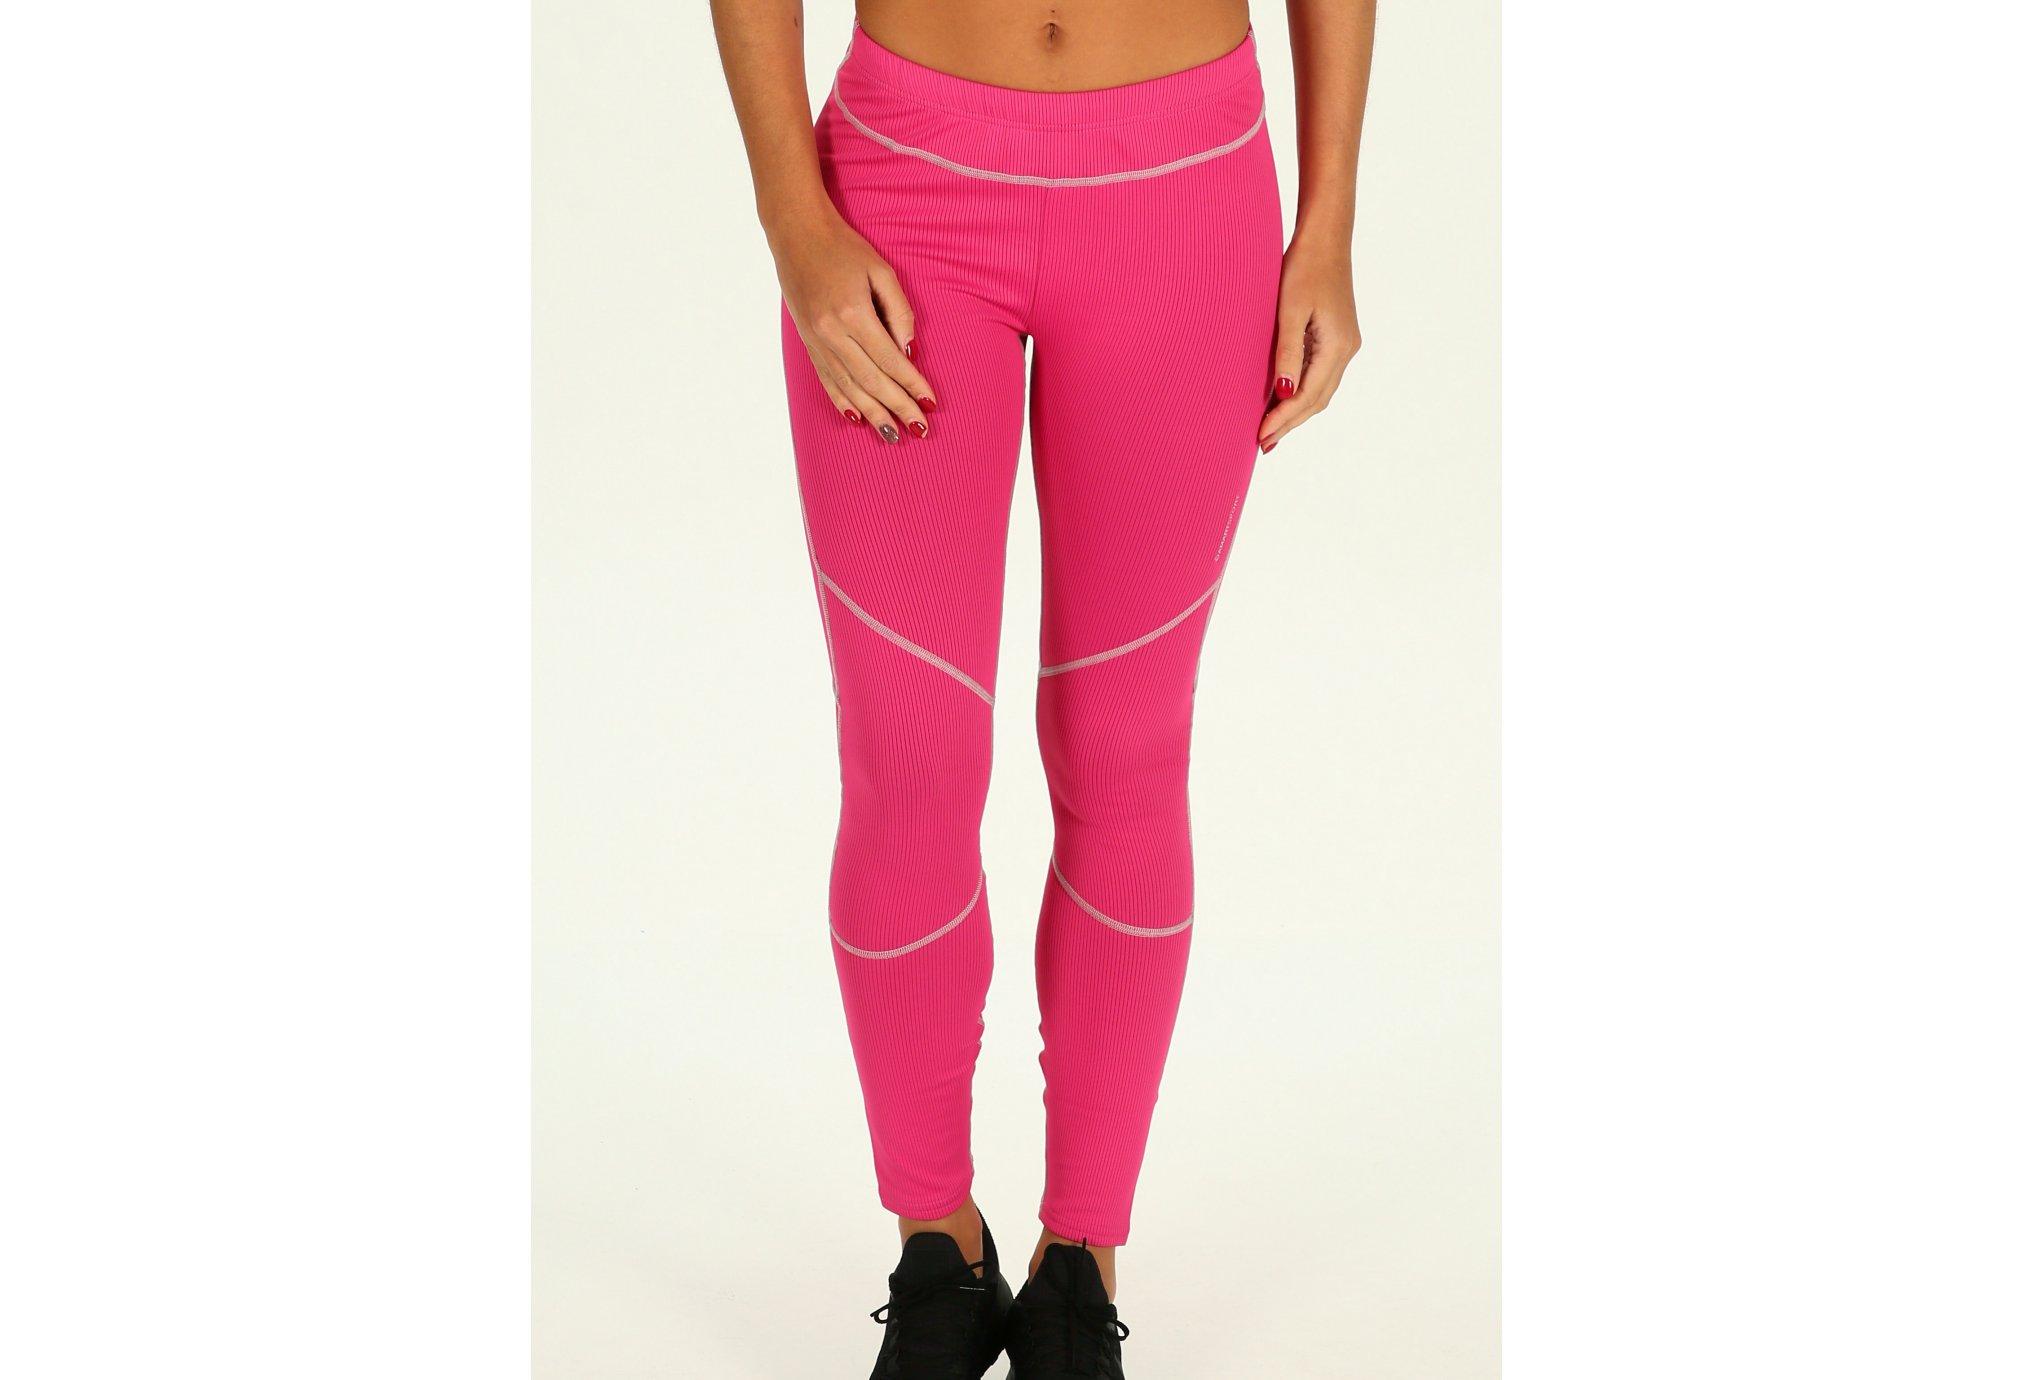 Damart Sport Collant Activ Body 4 W Diététique Vêtements femme